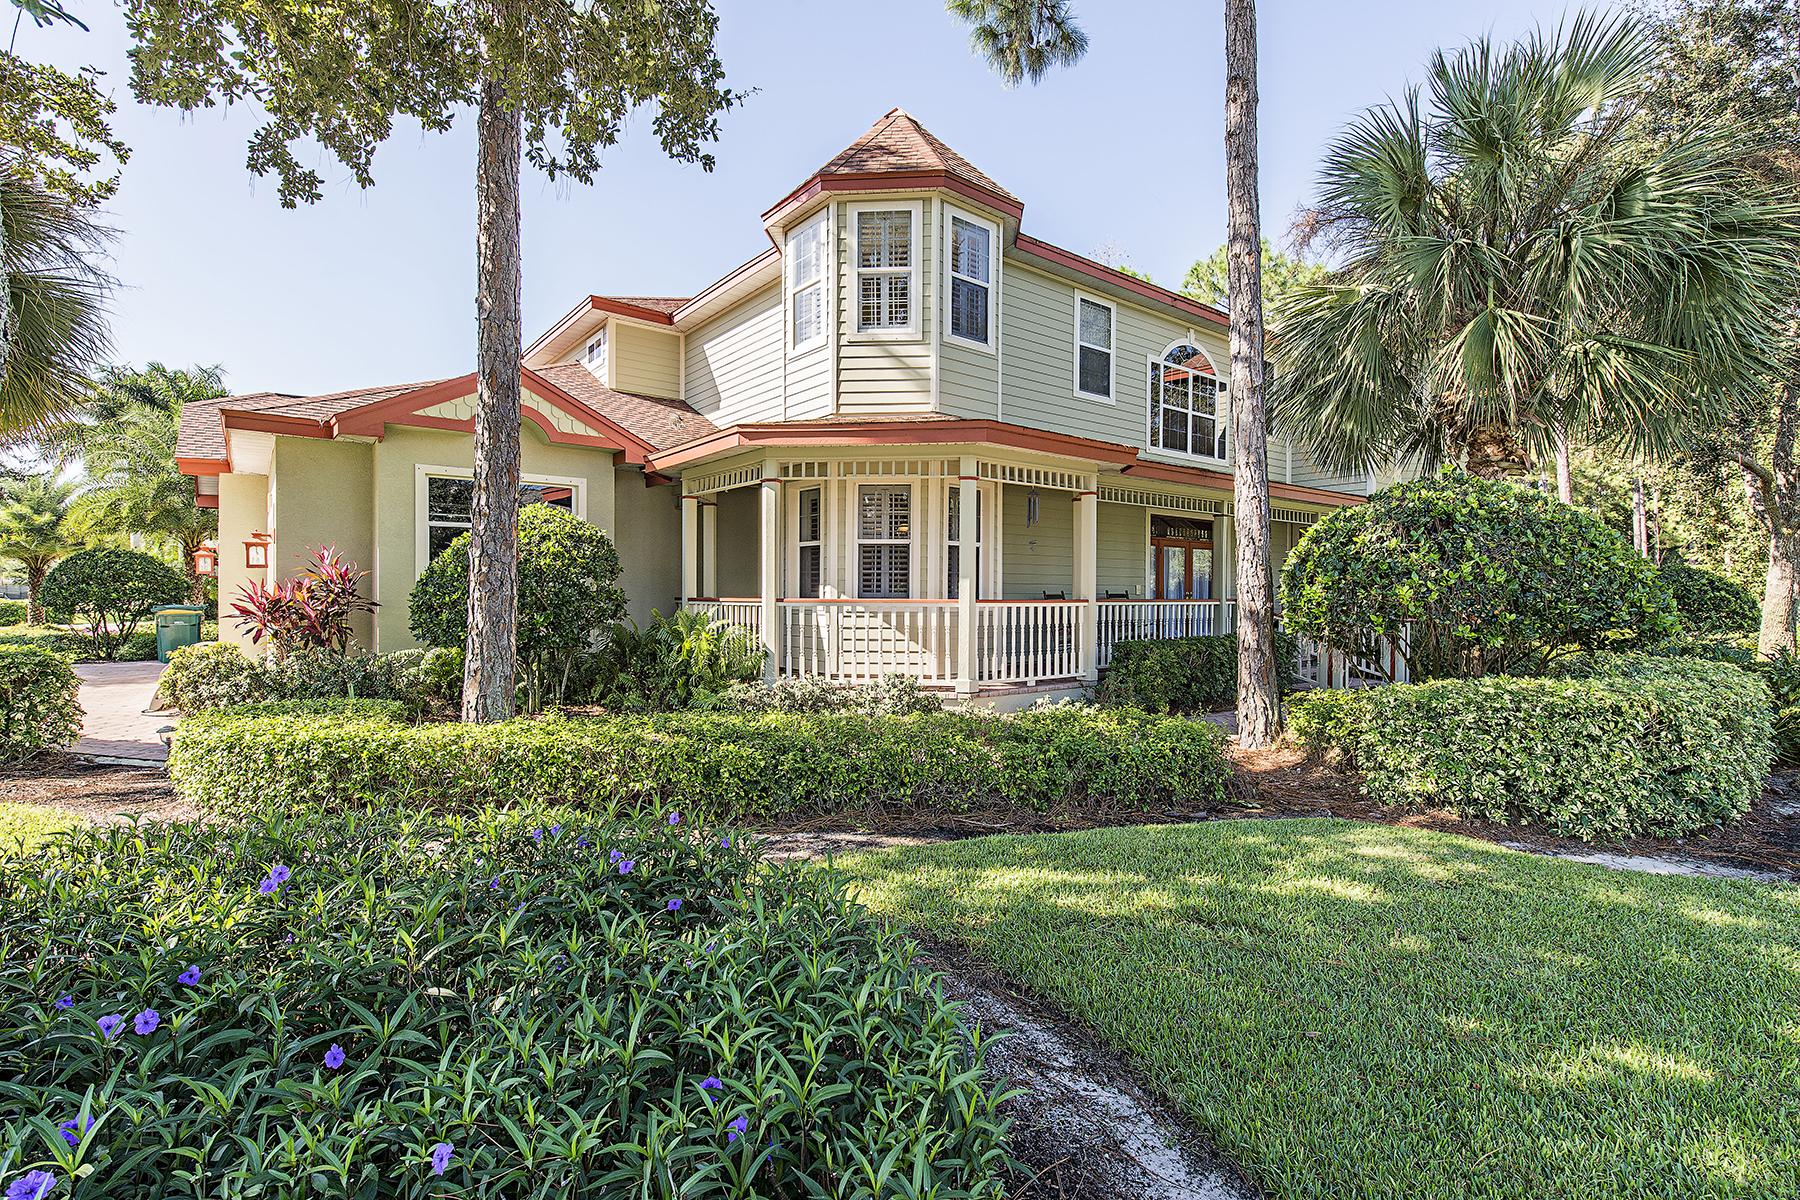 Maison unifamiliale pour l Vente à COACHMAN GLEN 2830 Coach House Way Naples, Florida 34105 États-Unis